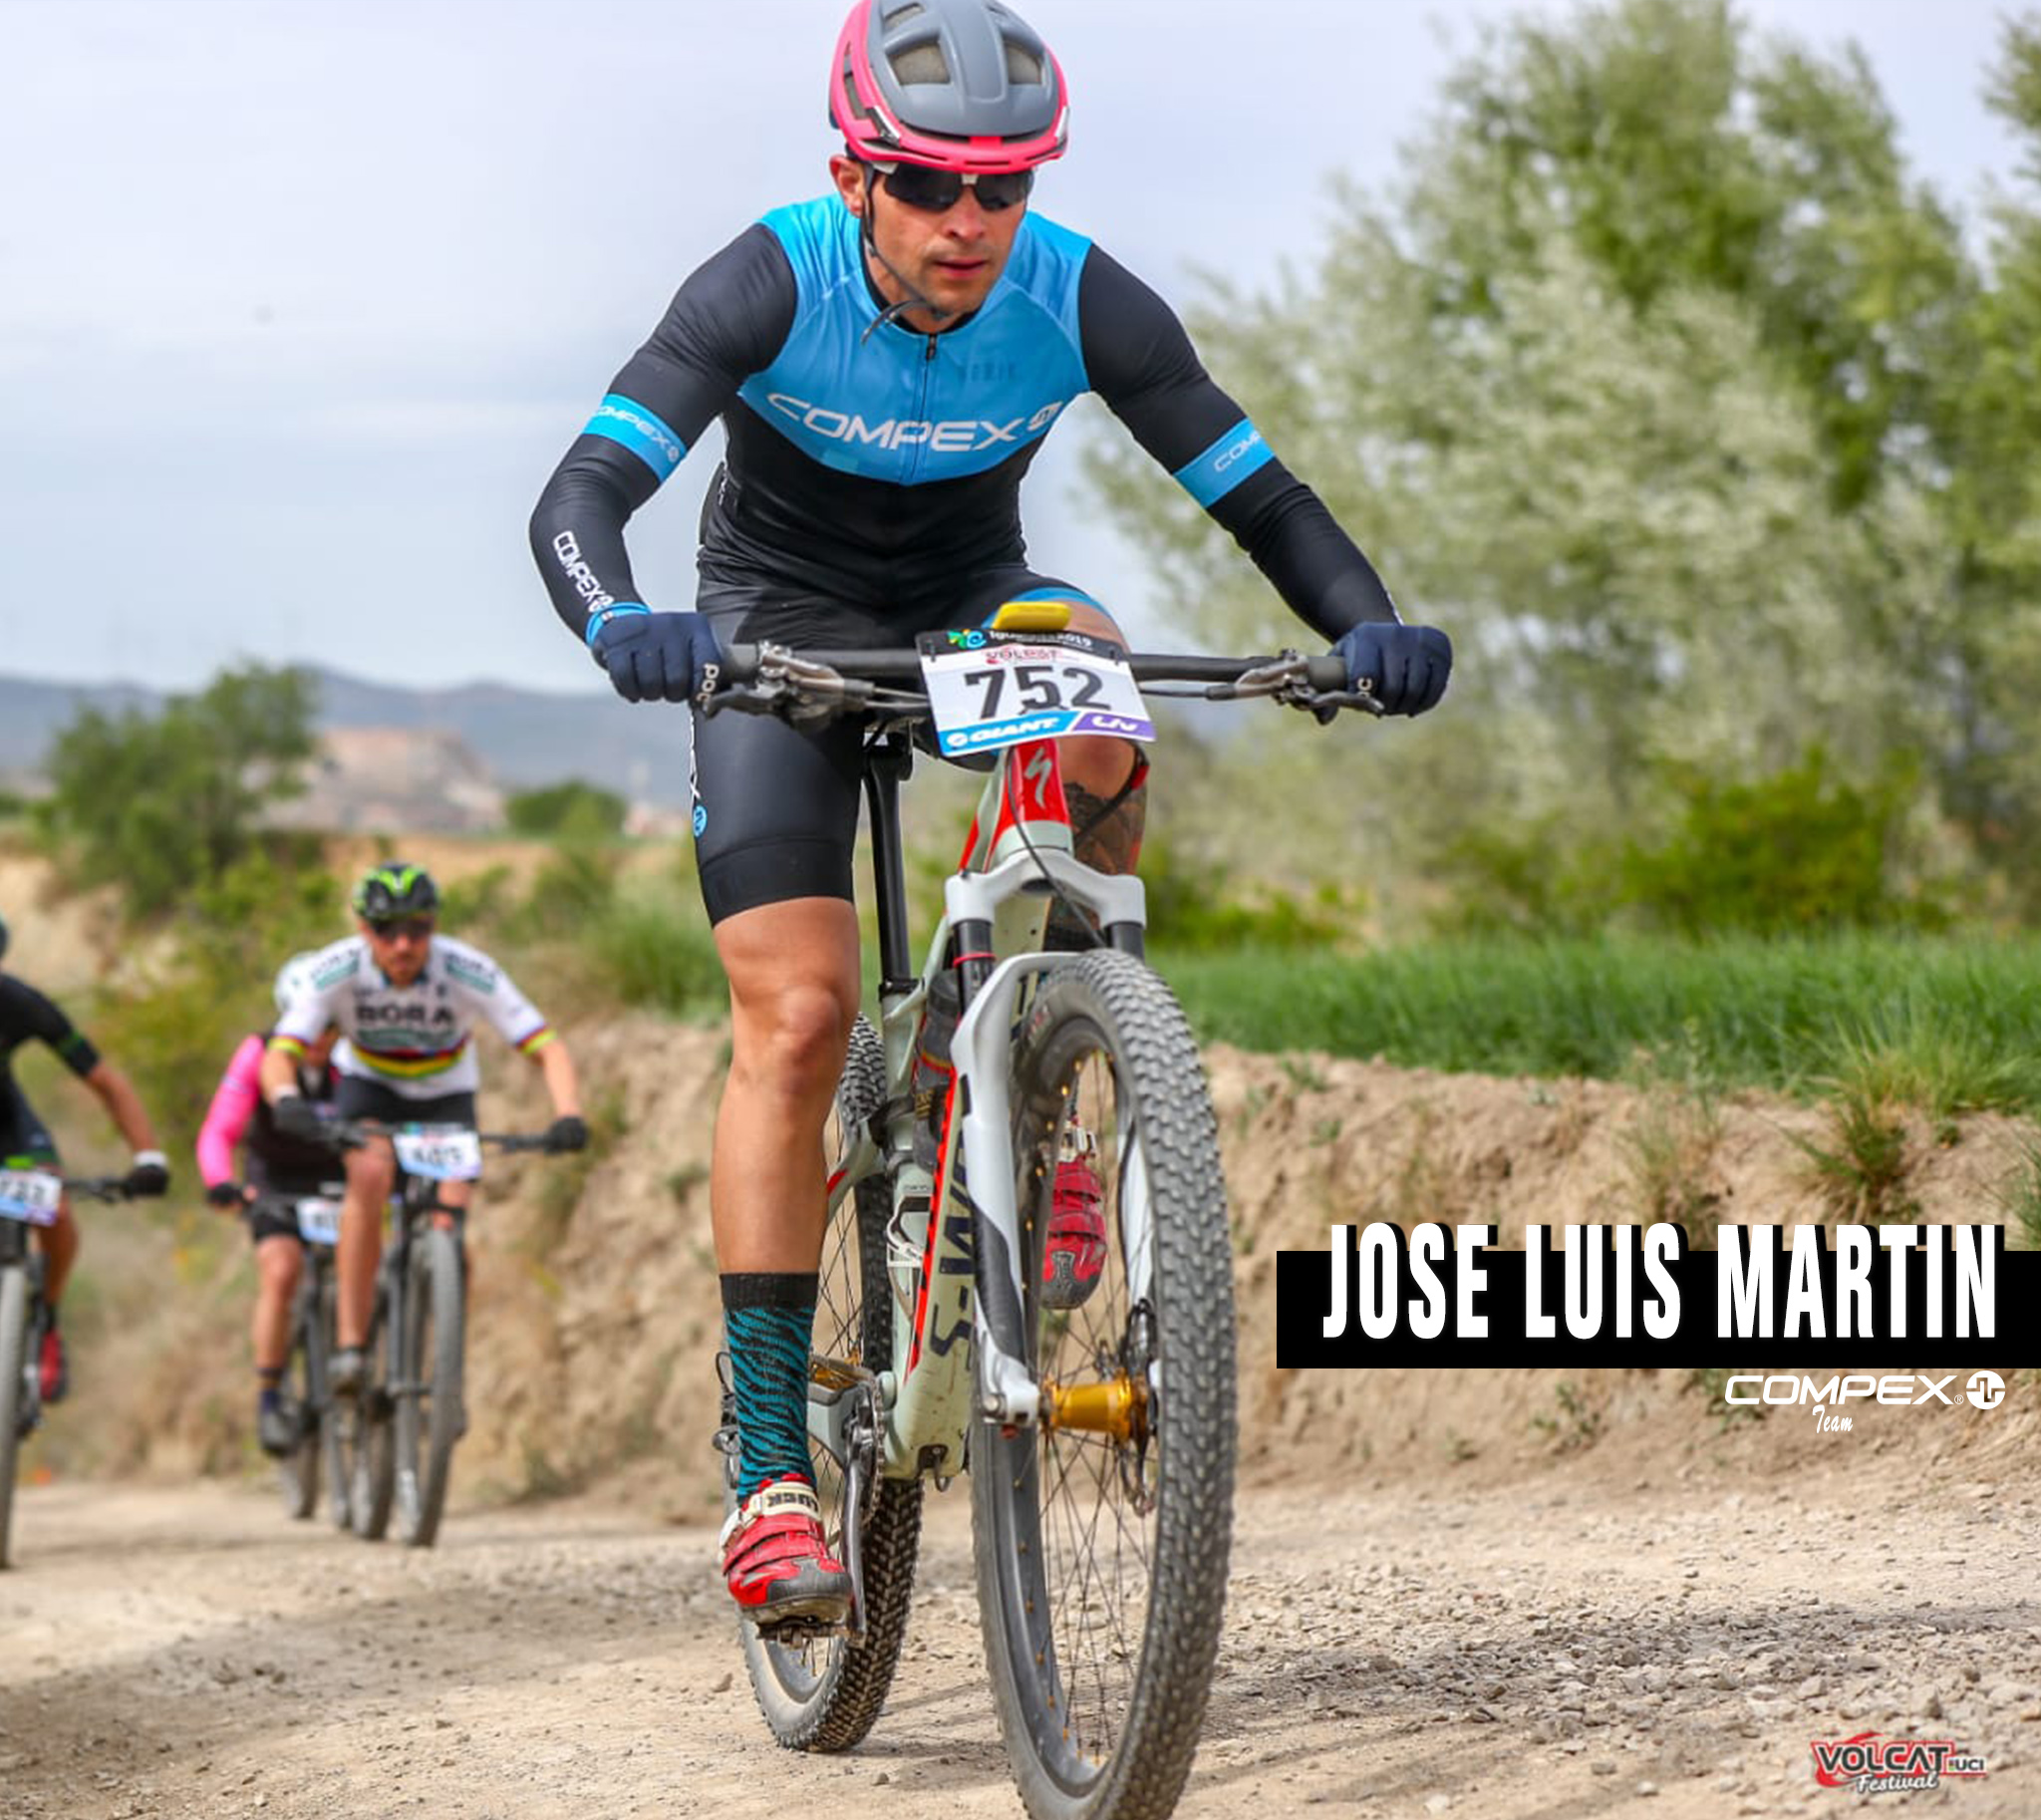 Jose Luis Martin Compex Team #AsBR2019